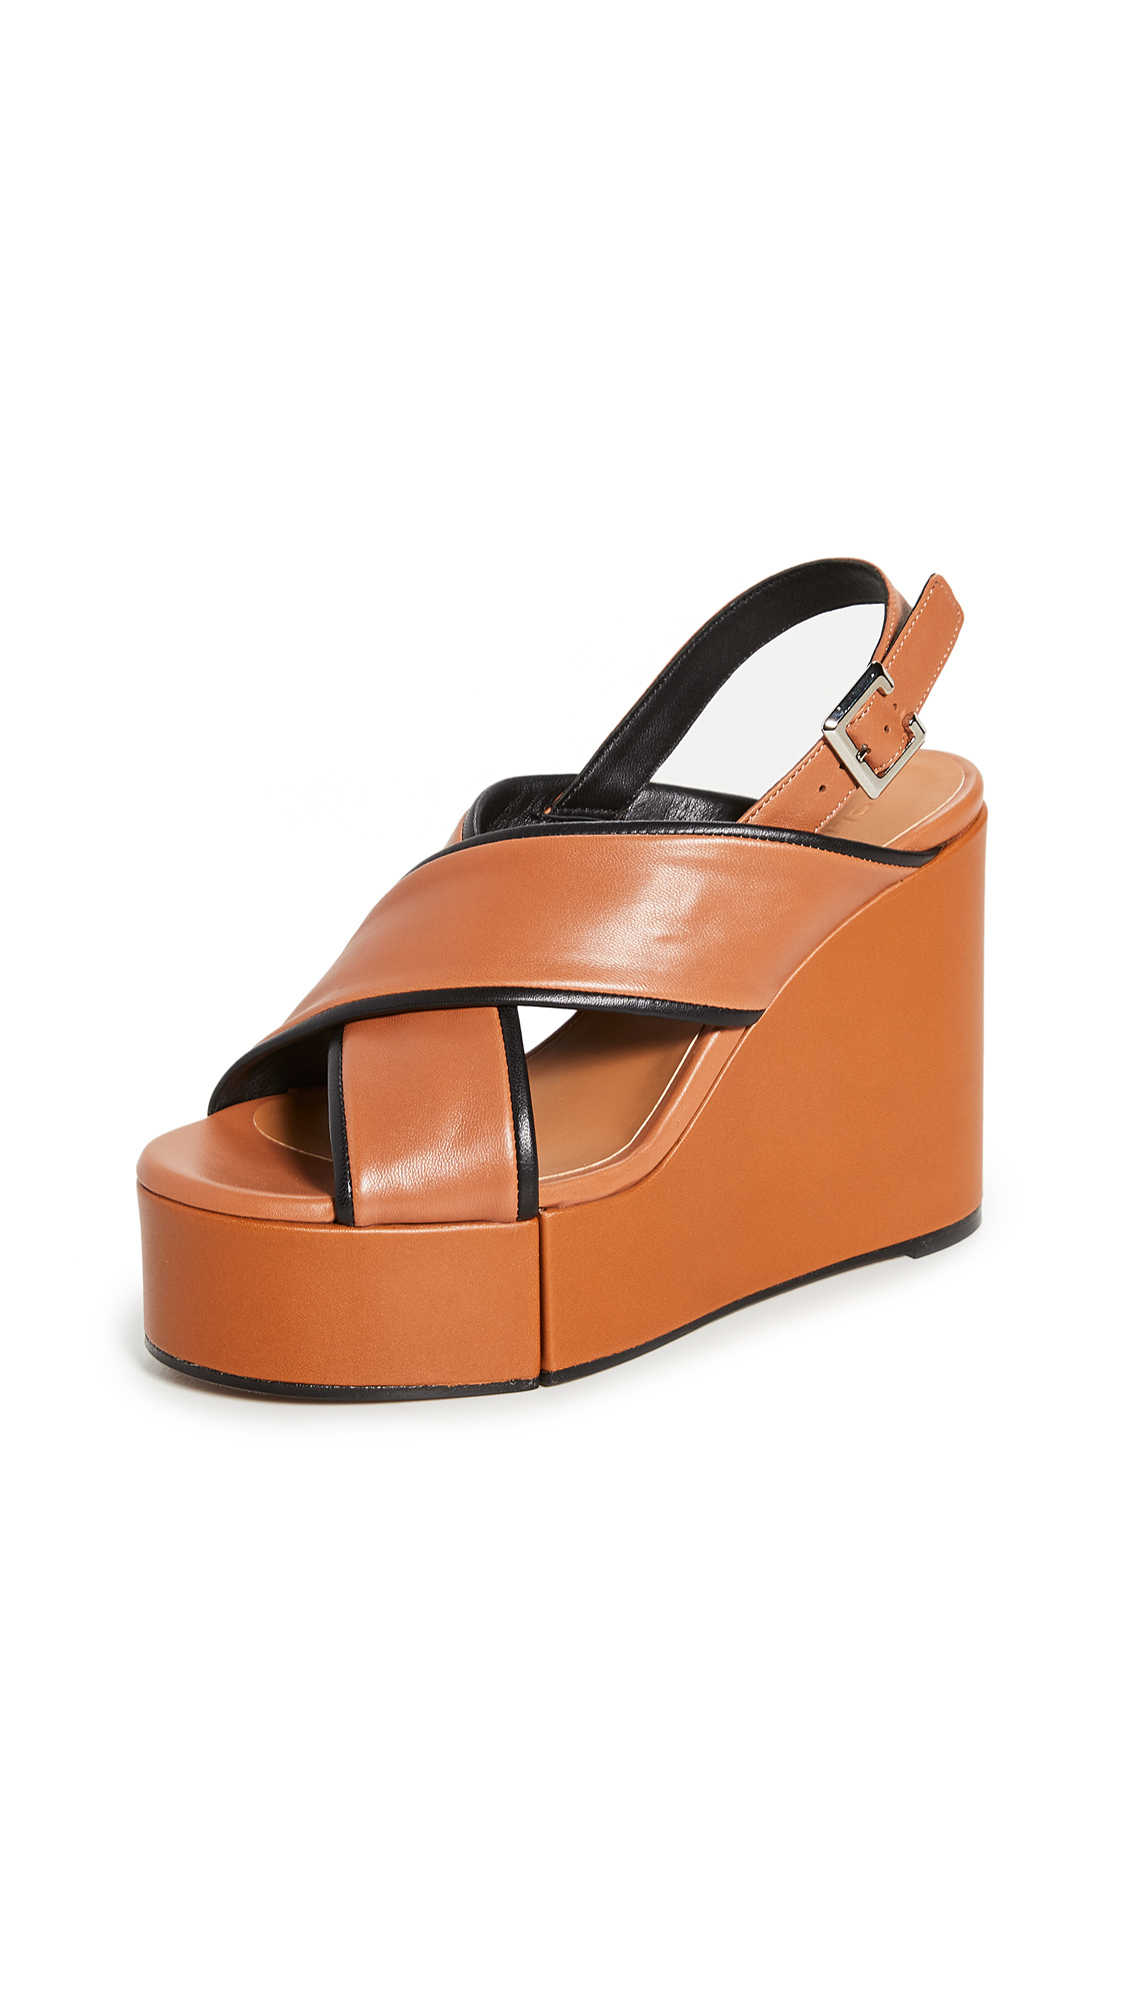 Clergerie Mirane Wedge Sandals - 50% Off Sale